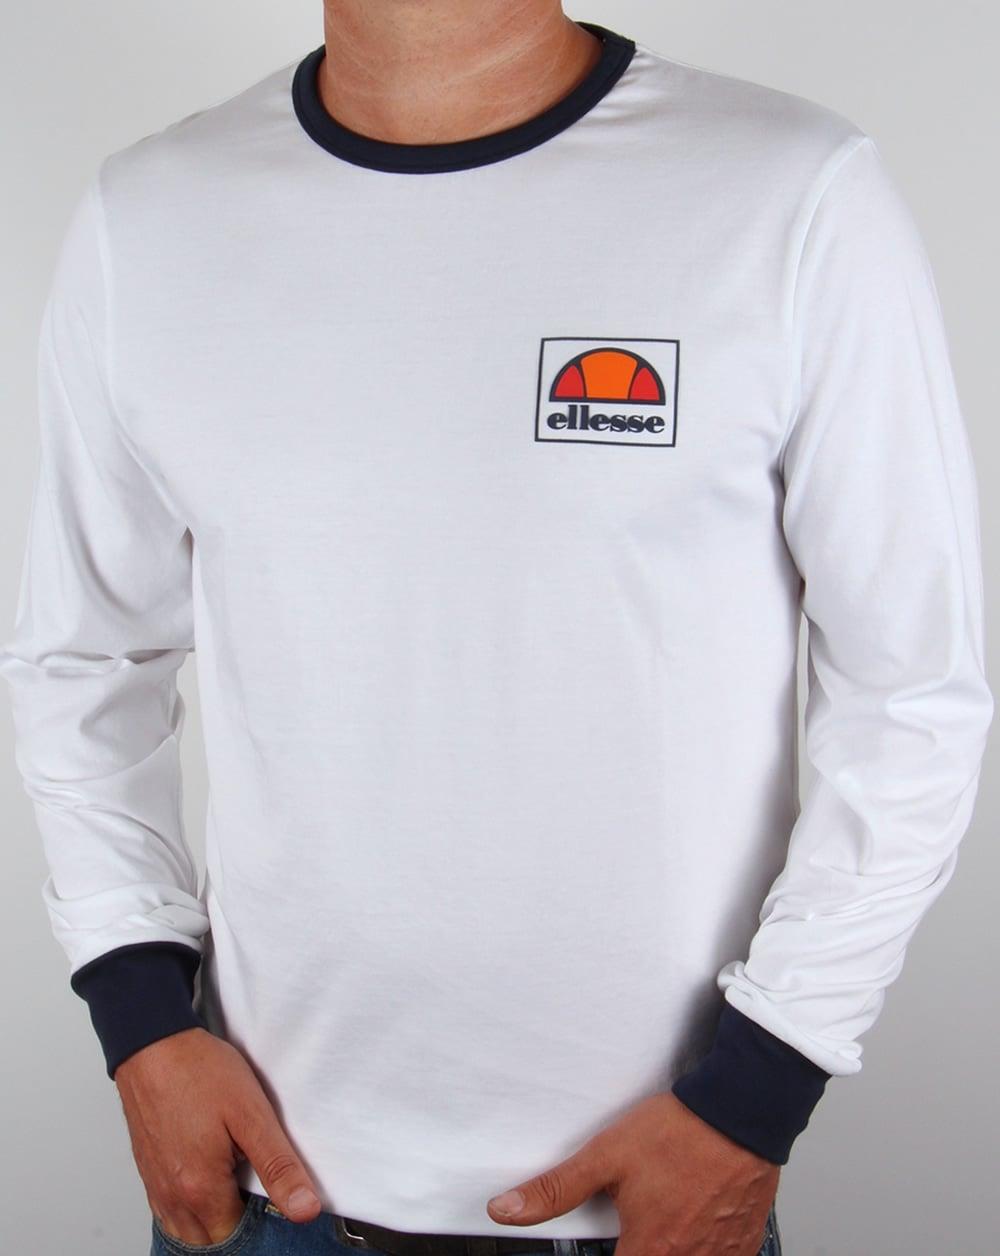 d003e92a Ellesse Old Skool Long Sleeve Ringer T-shirt White,tee,football,mens